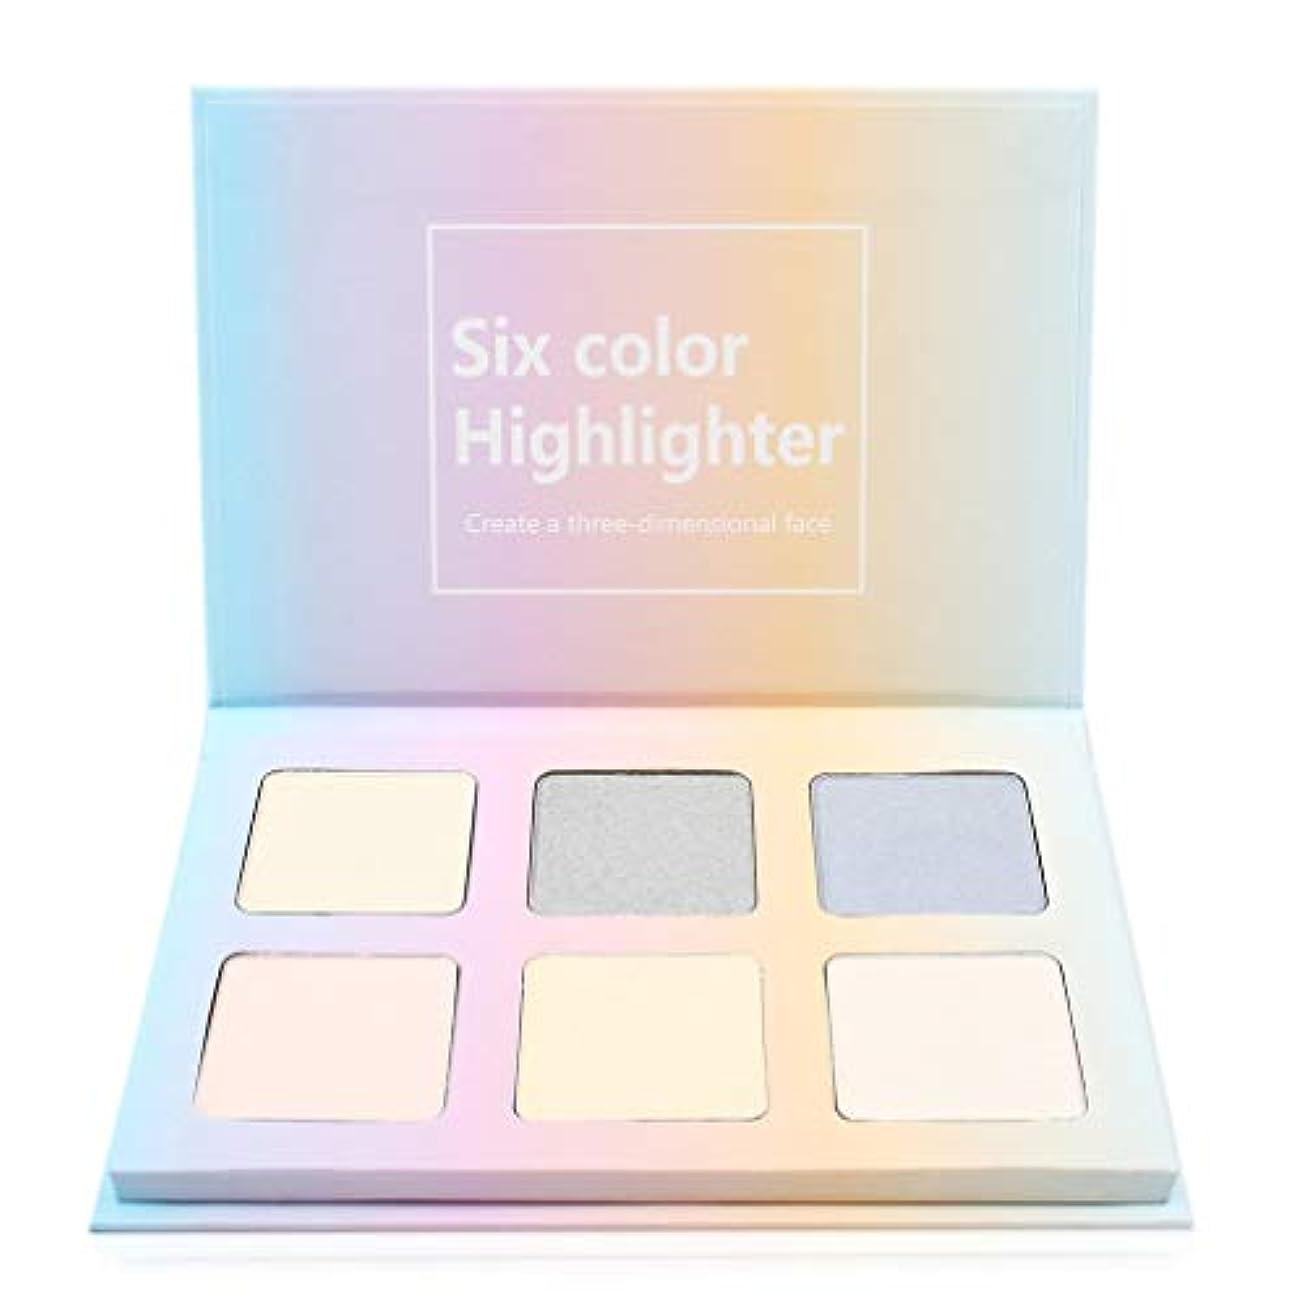 呼吸ばかのぞき見6色/ SETハイライト防水アイ・蛍光ペンパレットのアイシャドウ化粧品メイクアップアイシャドウパレットメイクアップ